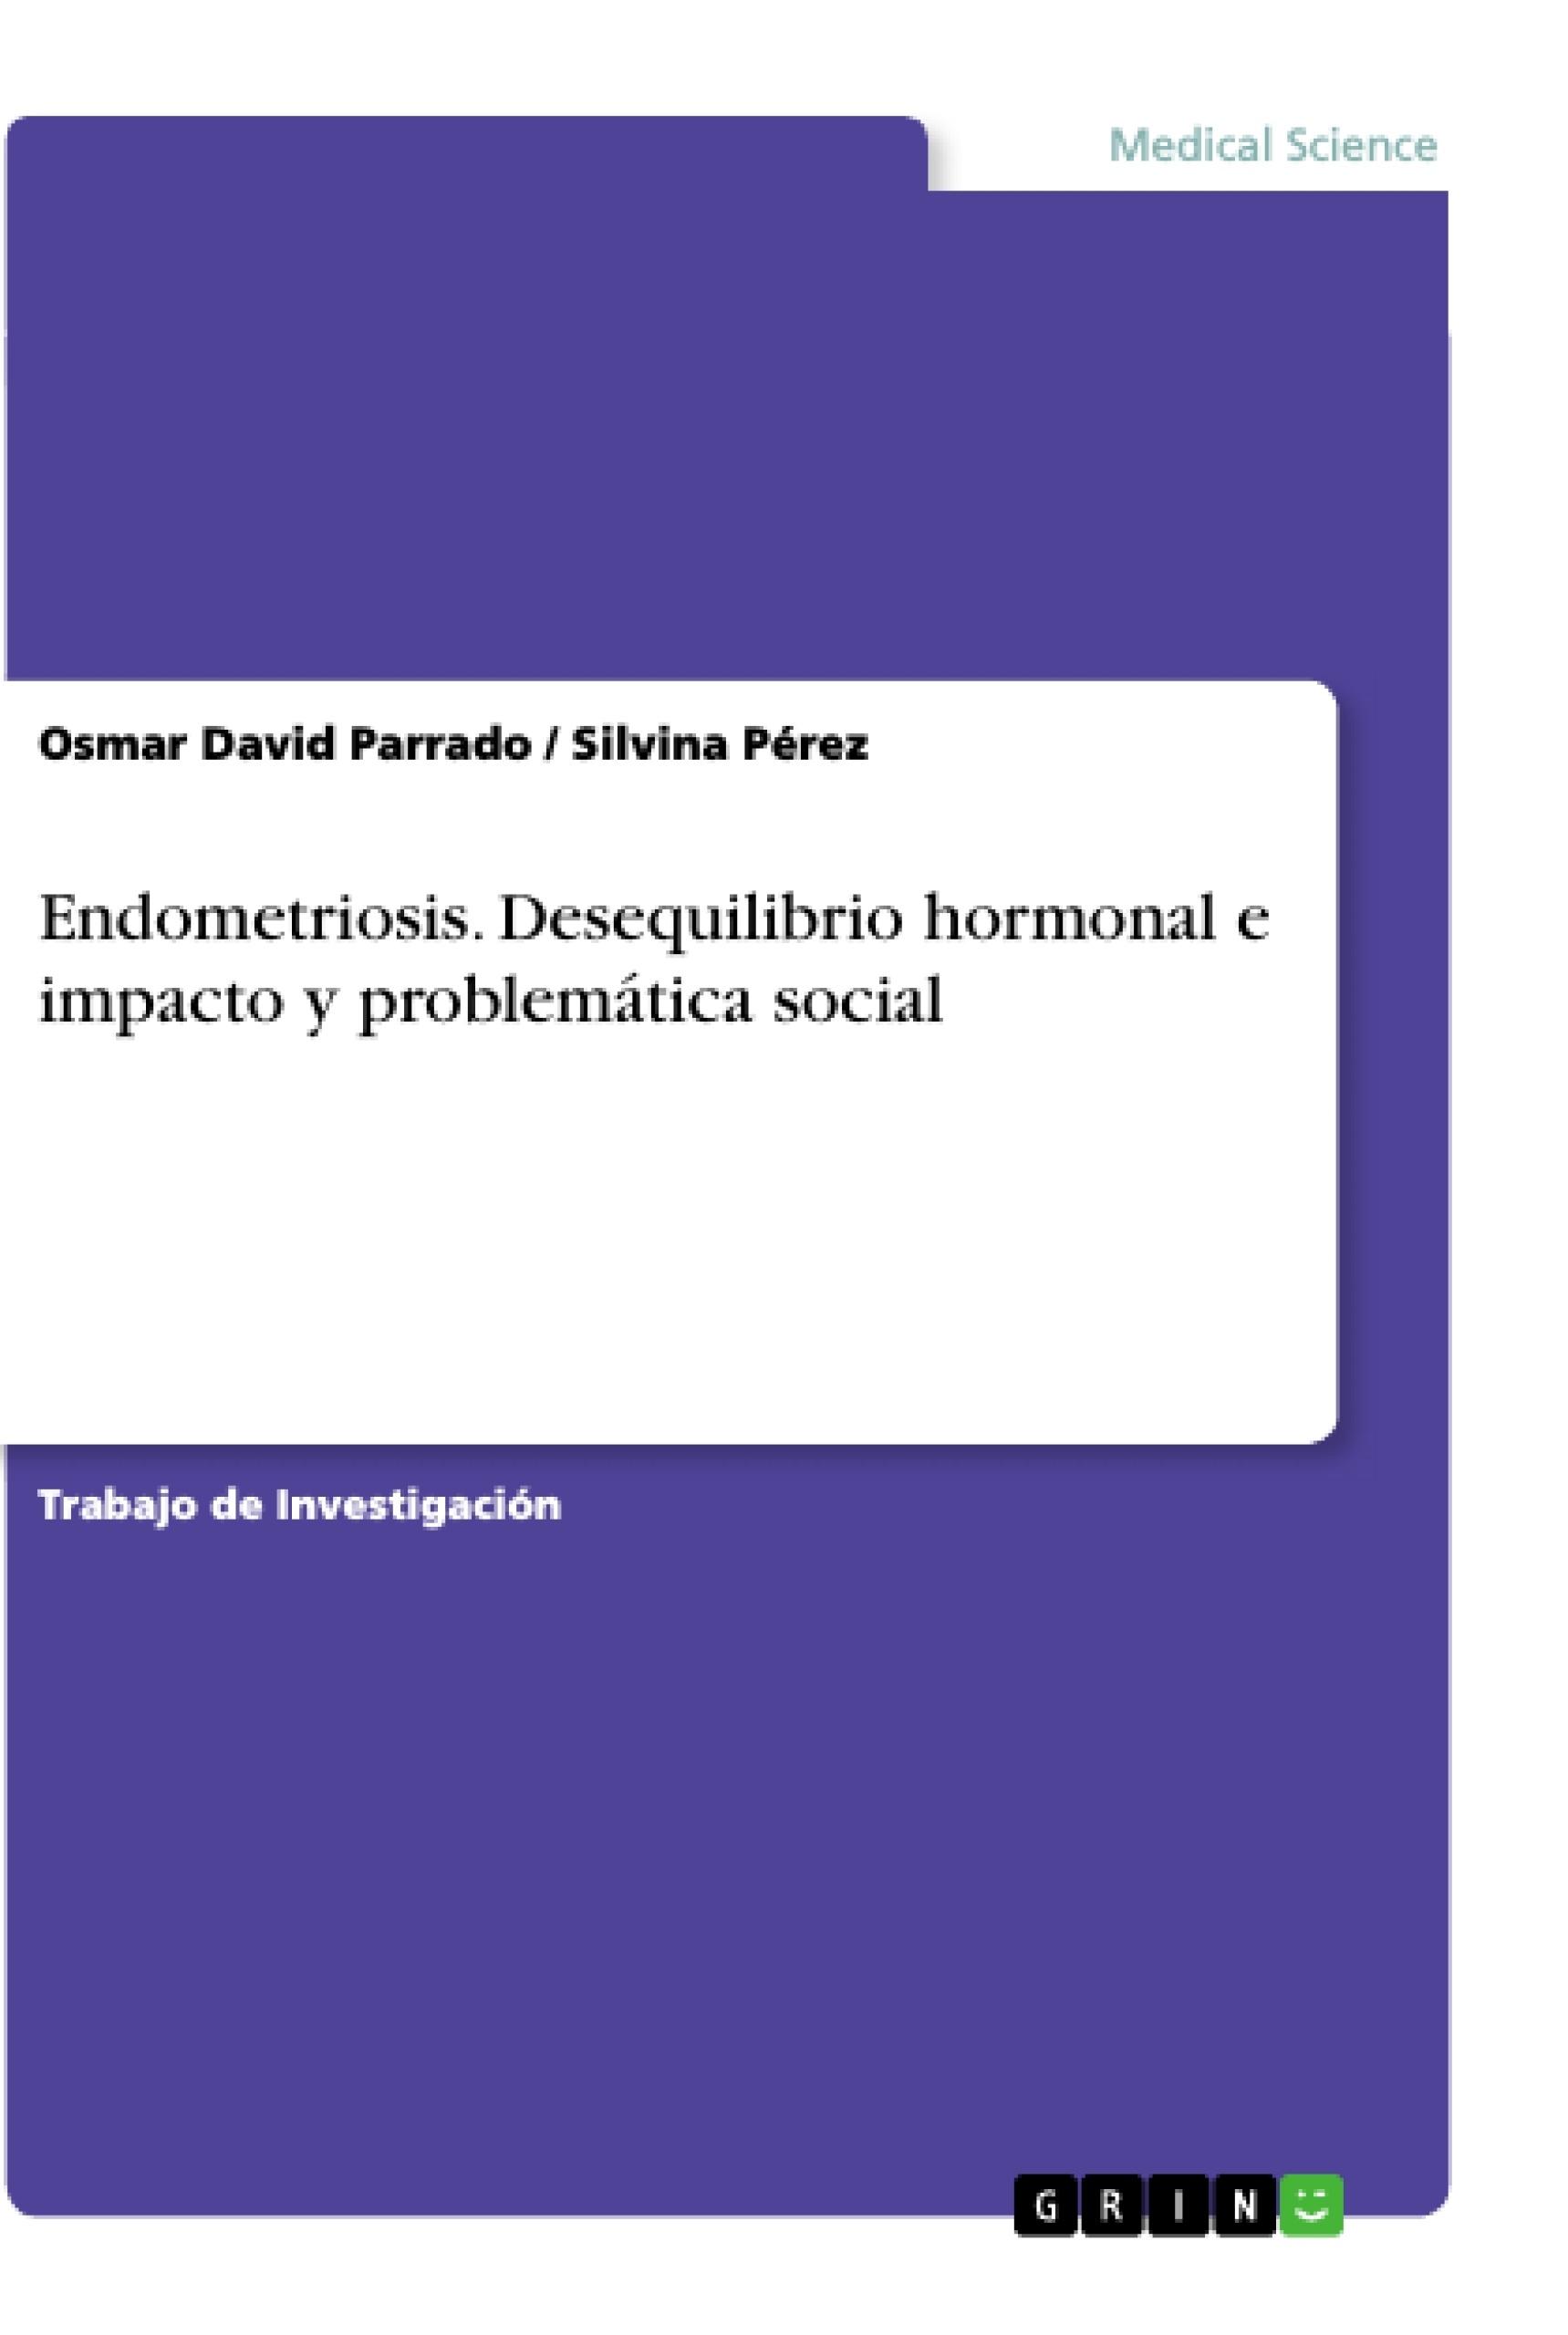 Título: Endometriosis. Desequilibrio hormonal e impacto y problemática social